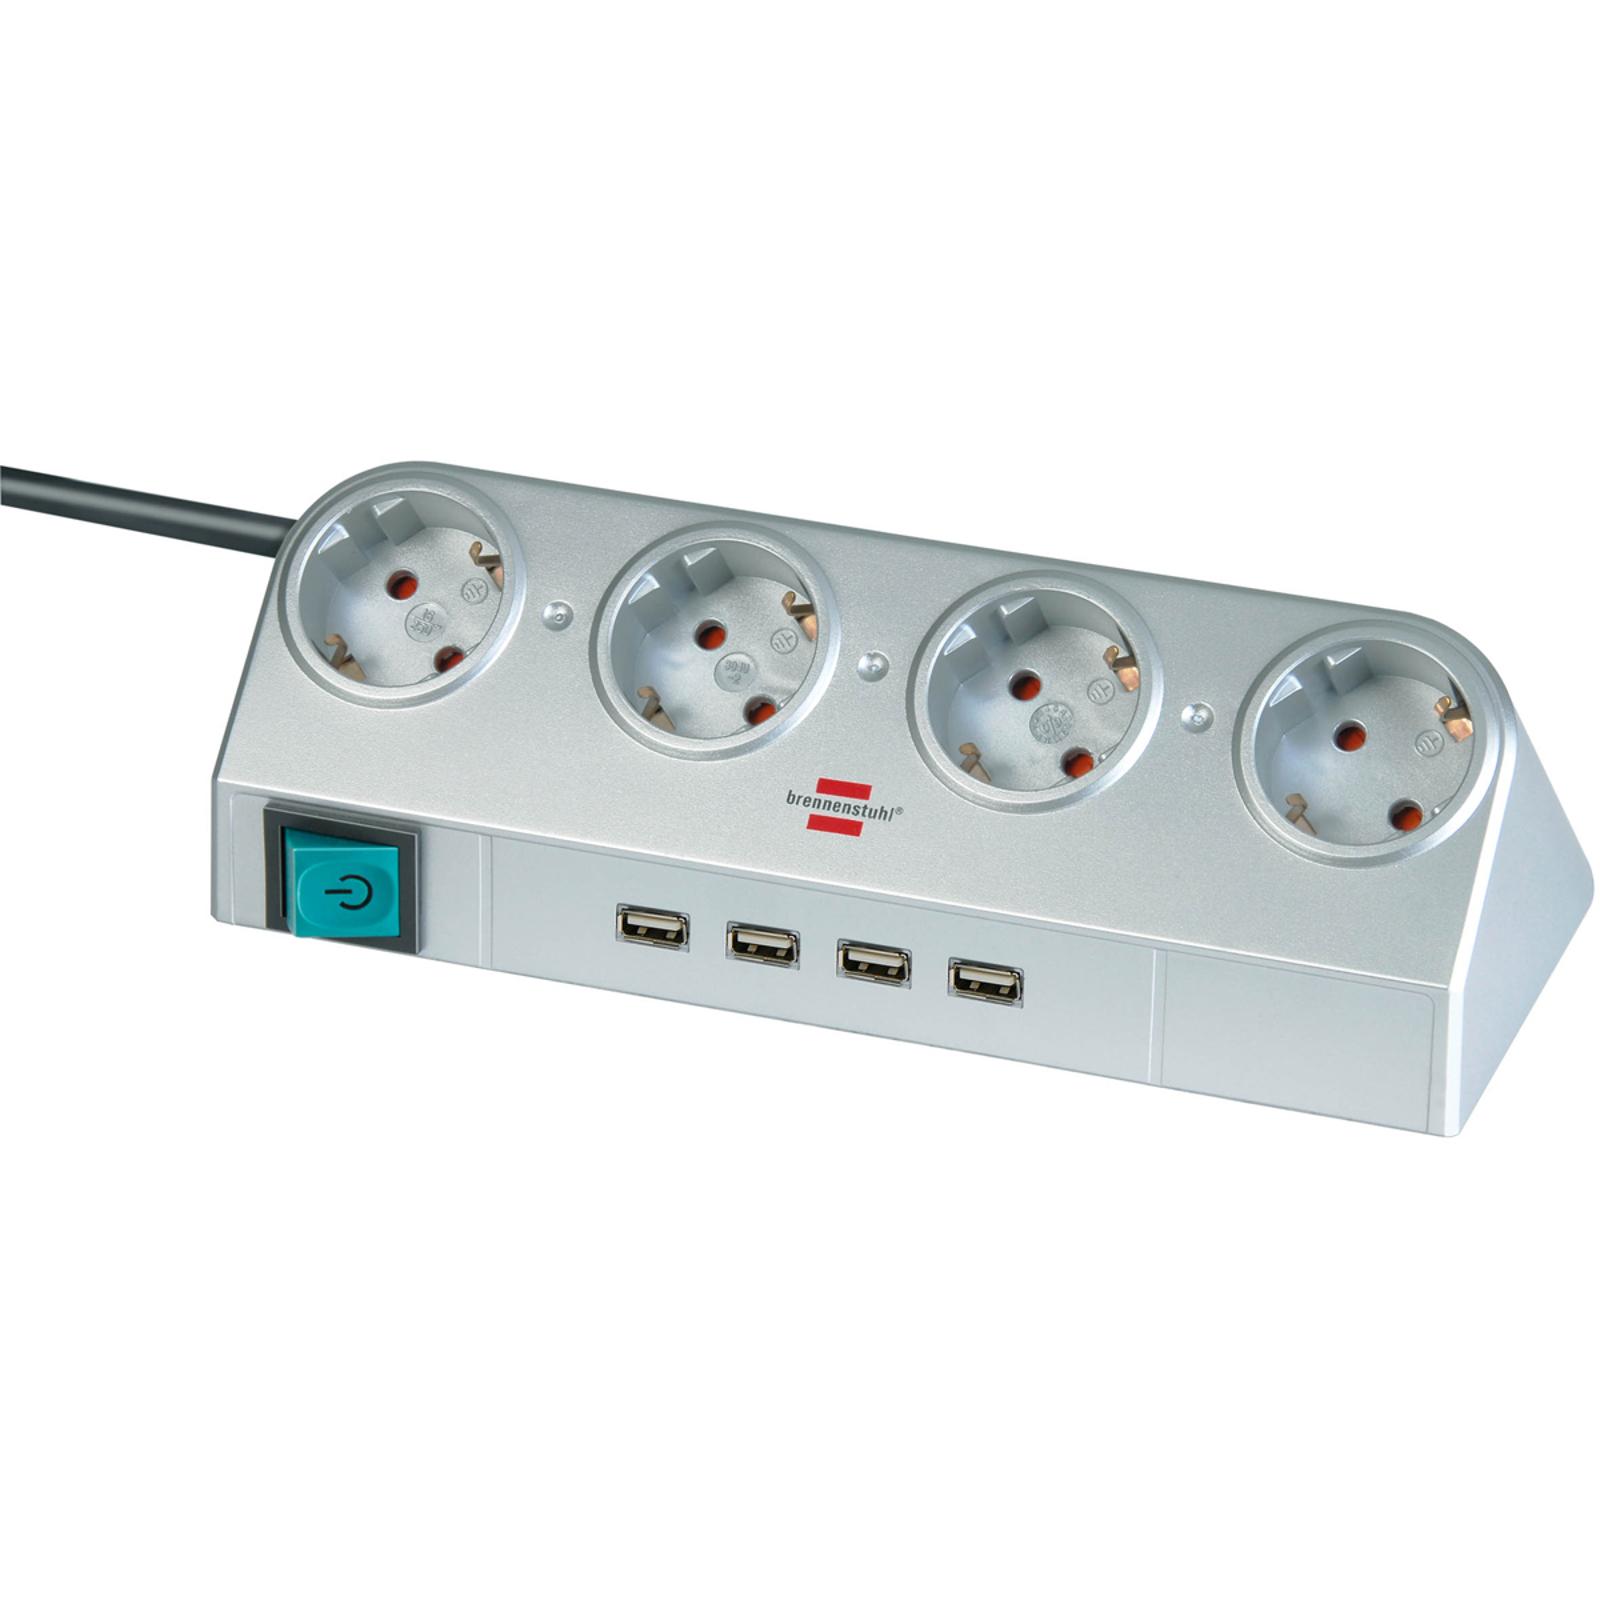 Listwa zasilająca Desktop Power, przełącznik i USB